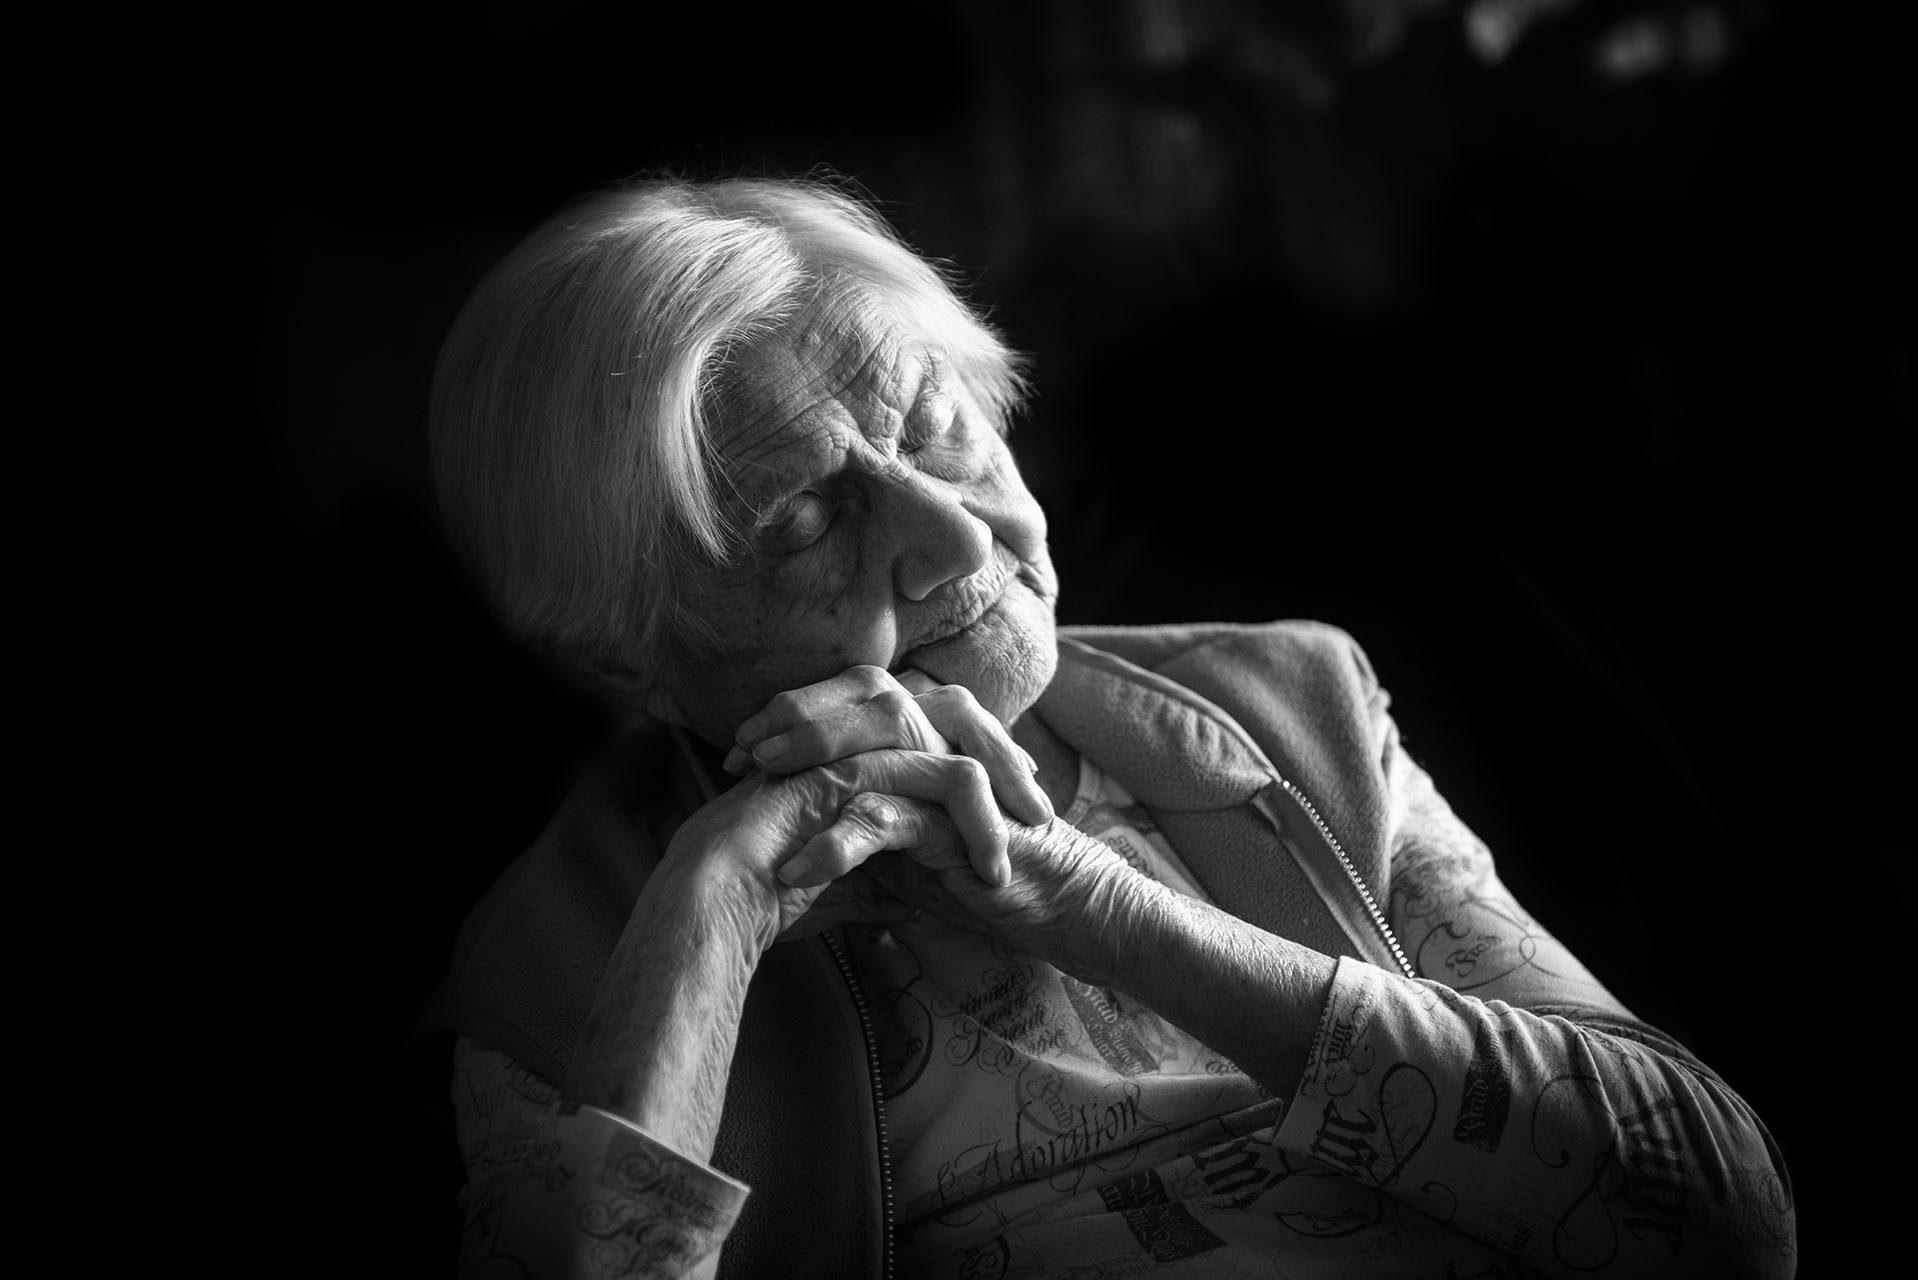 photographe-portraits-ile-de-france-projet-centenaires-l-hay-les-roses-val-de-marne-may-angelsen